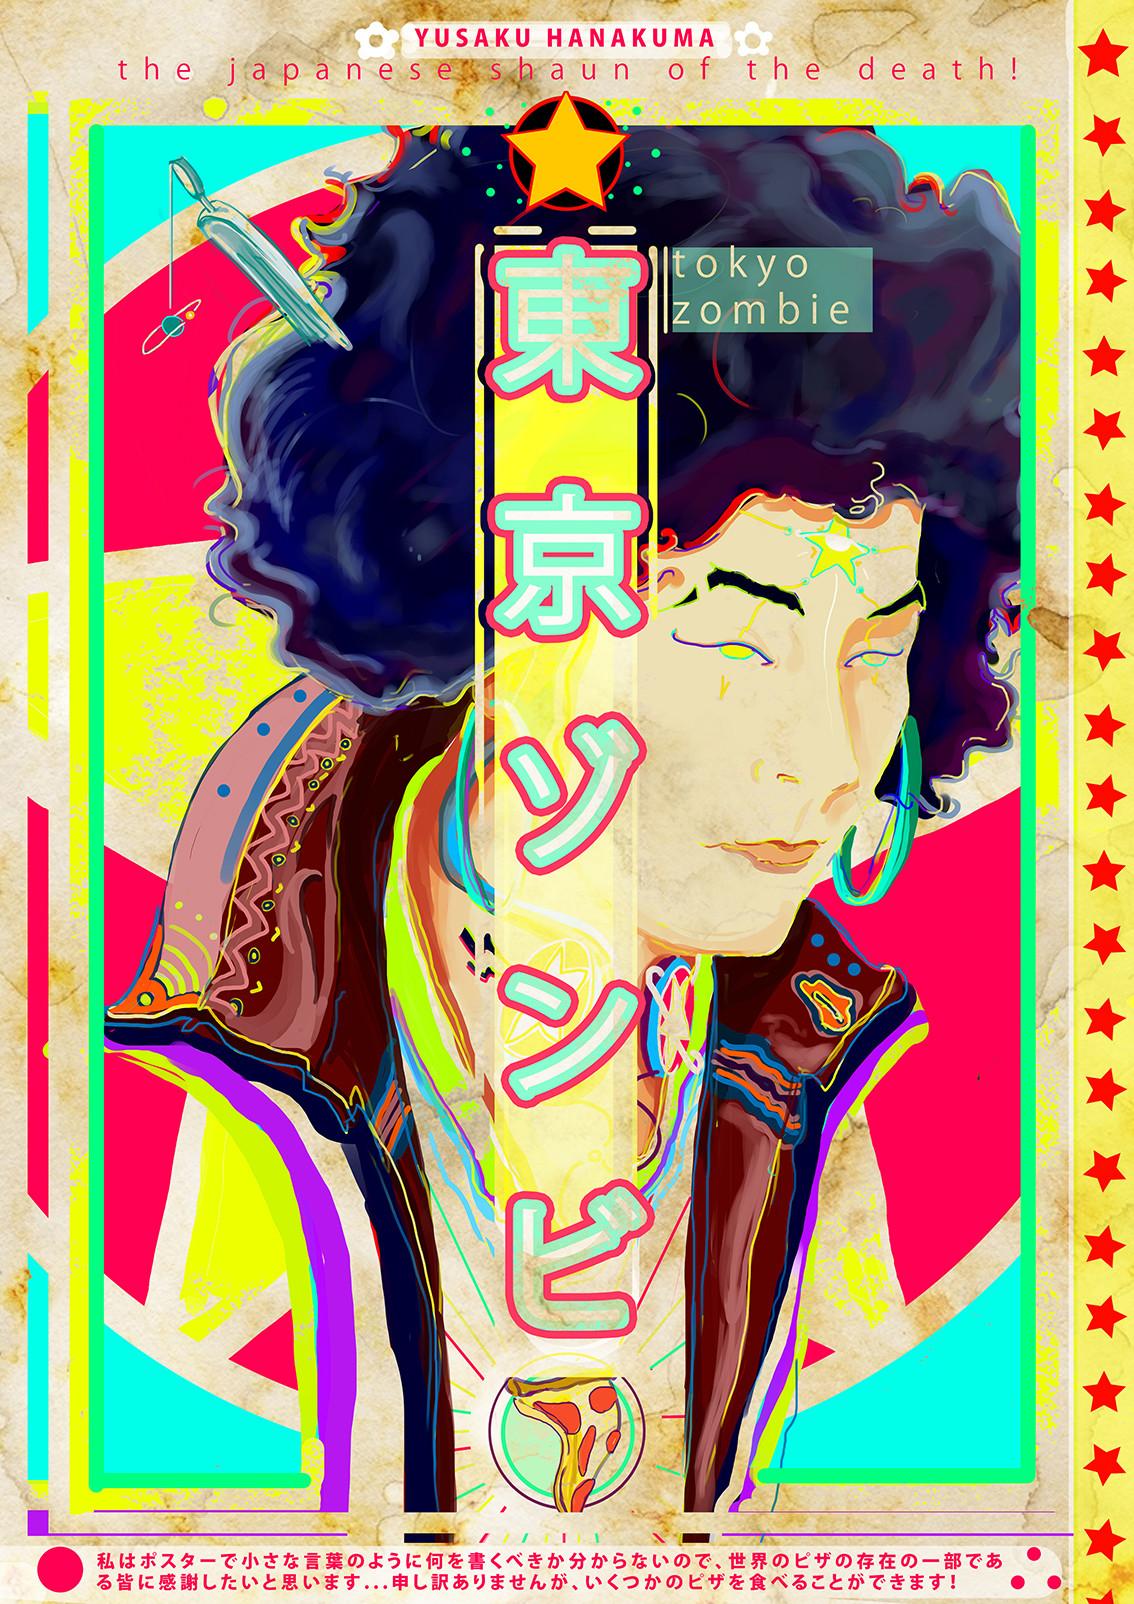 Buddha beatz 5 a4copias tokyo zombie